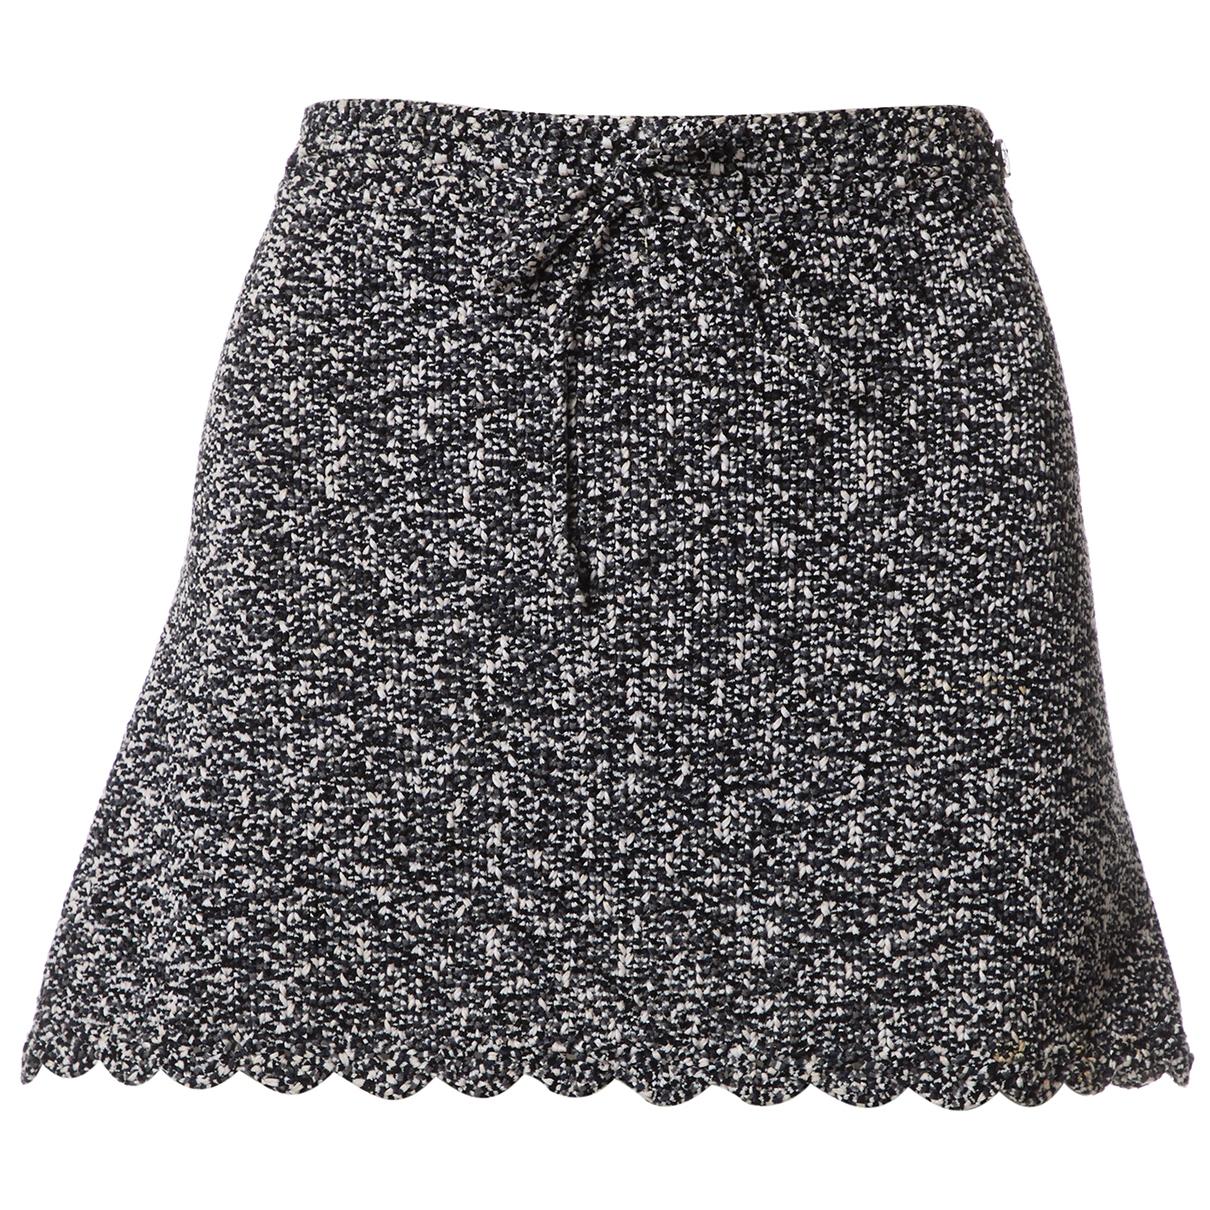 Chanel \N Black Cotton skirt for Women 38 FR